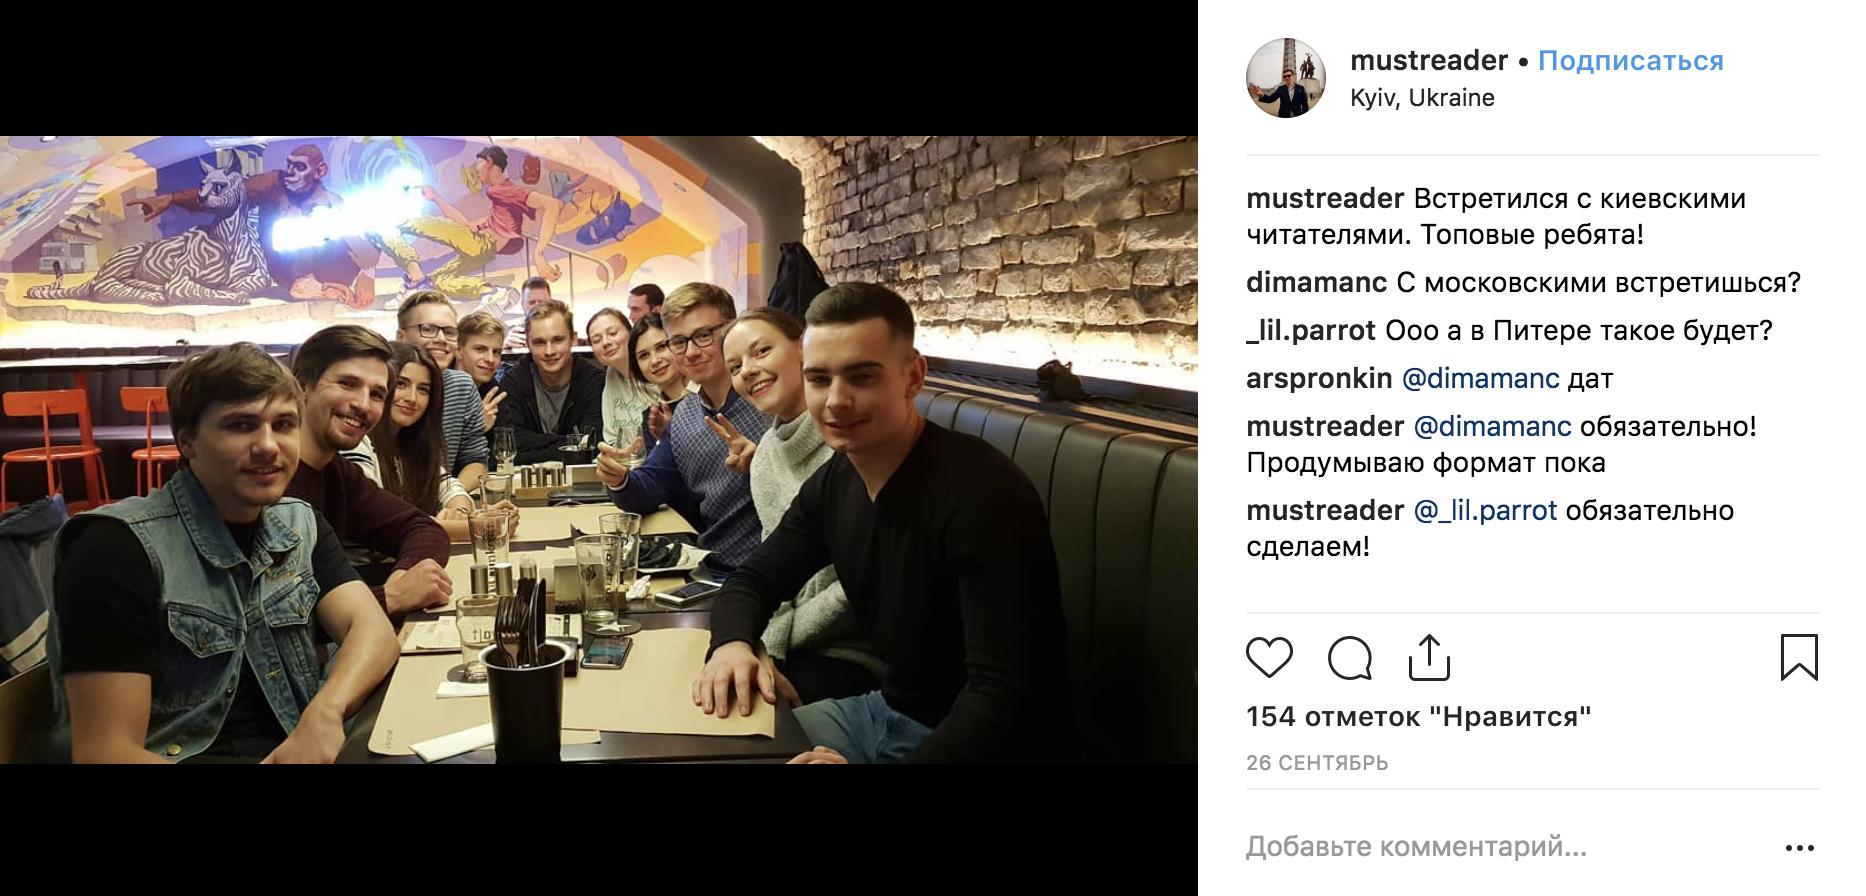 Зато встретился с киевскими подписчиками